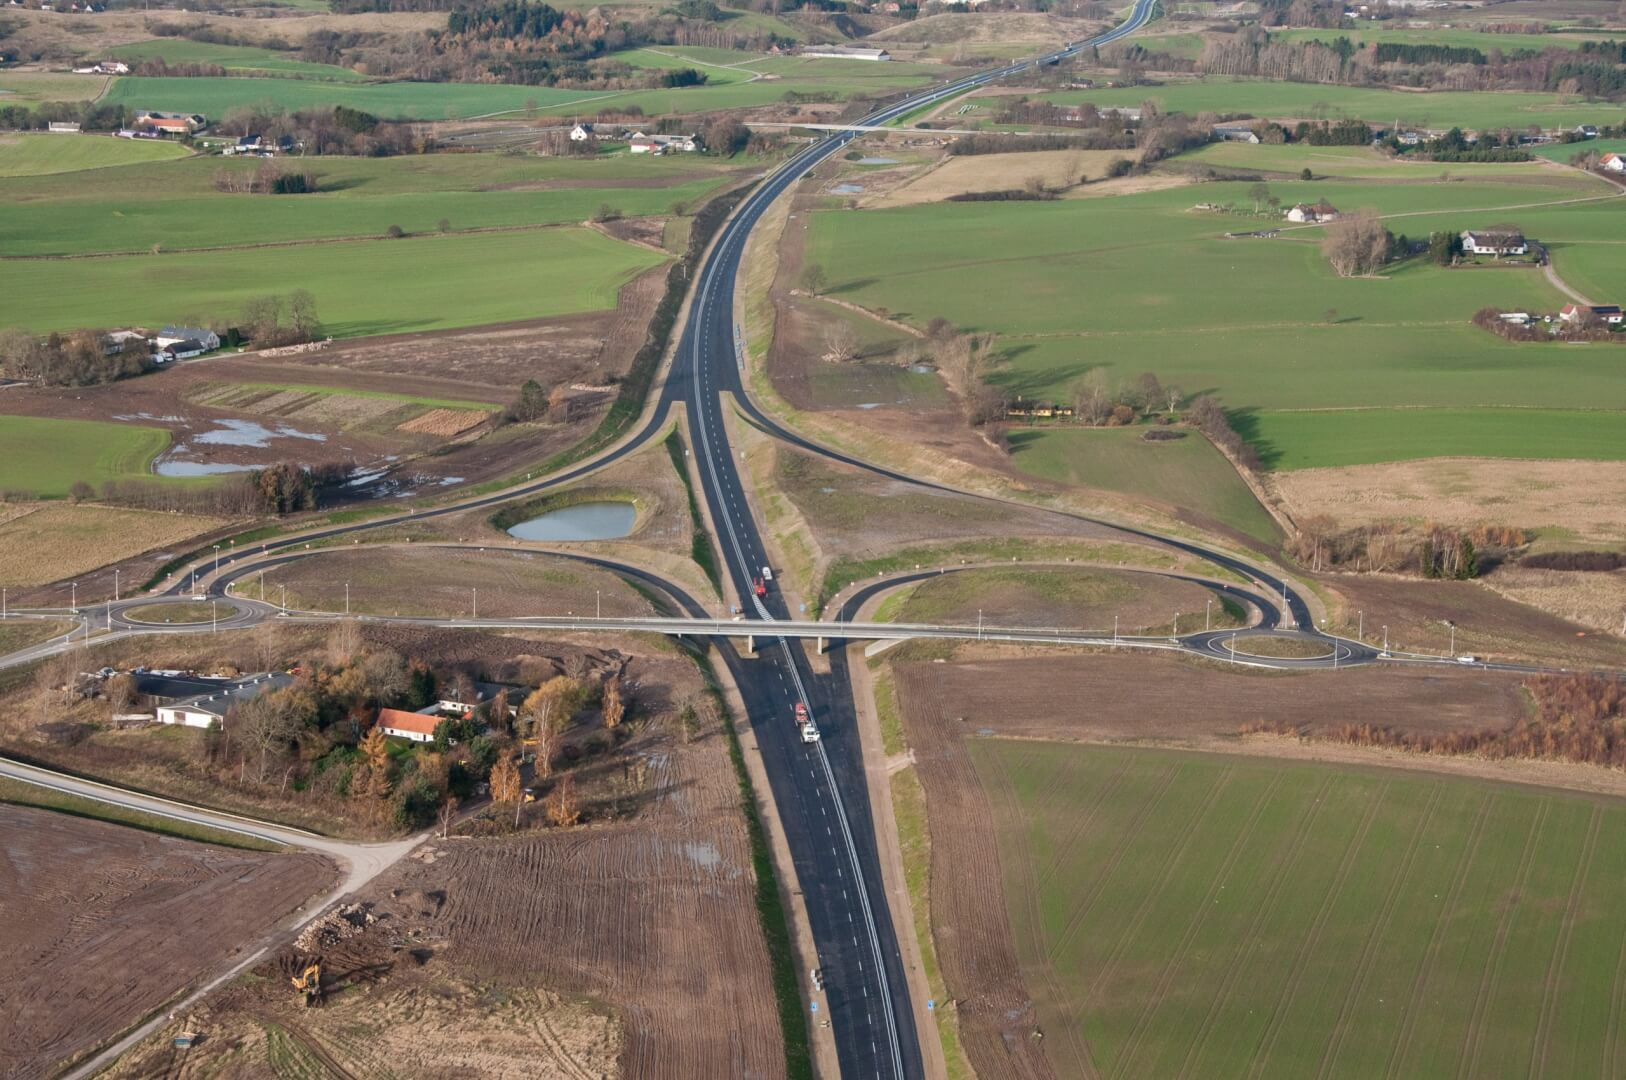 Broer, Motortrafikvejen Holbæk-Vig